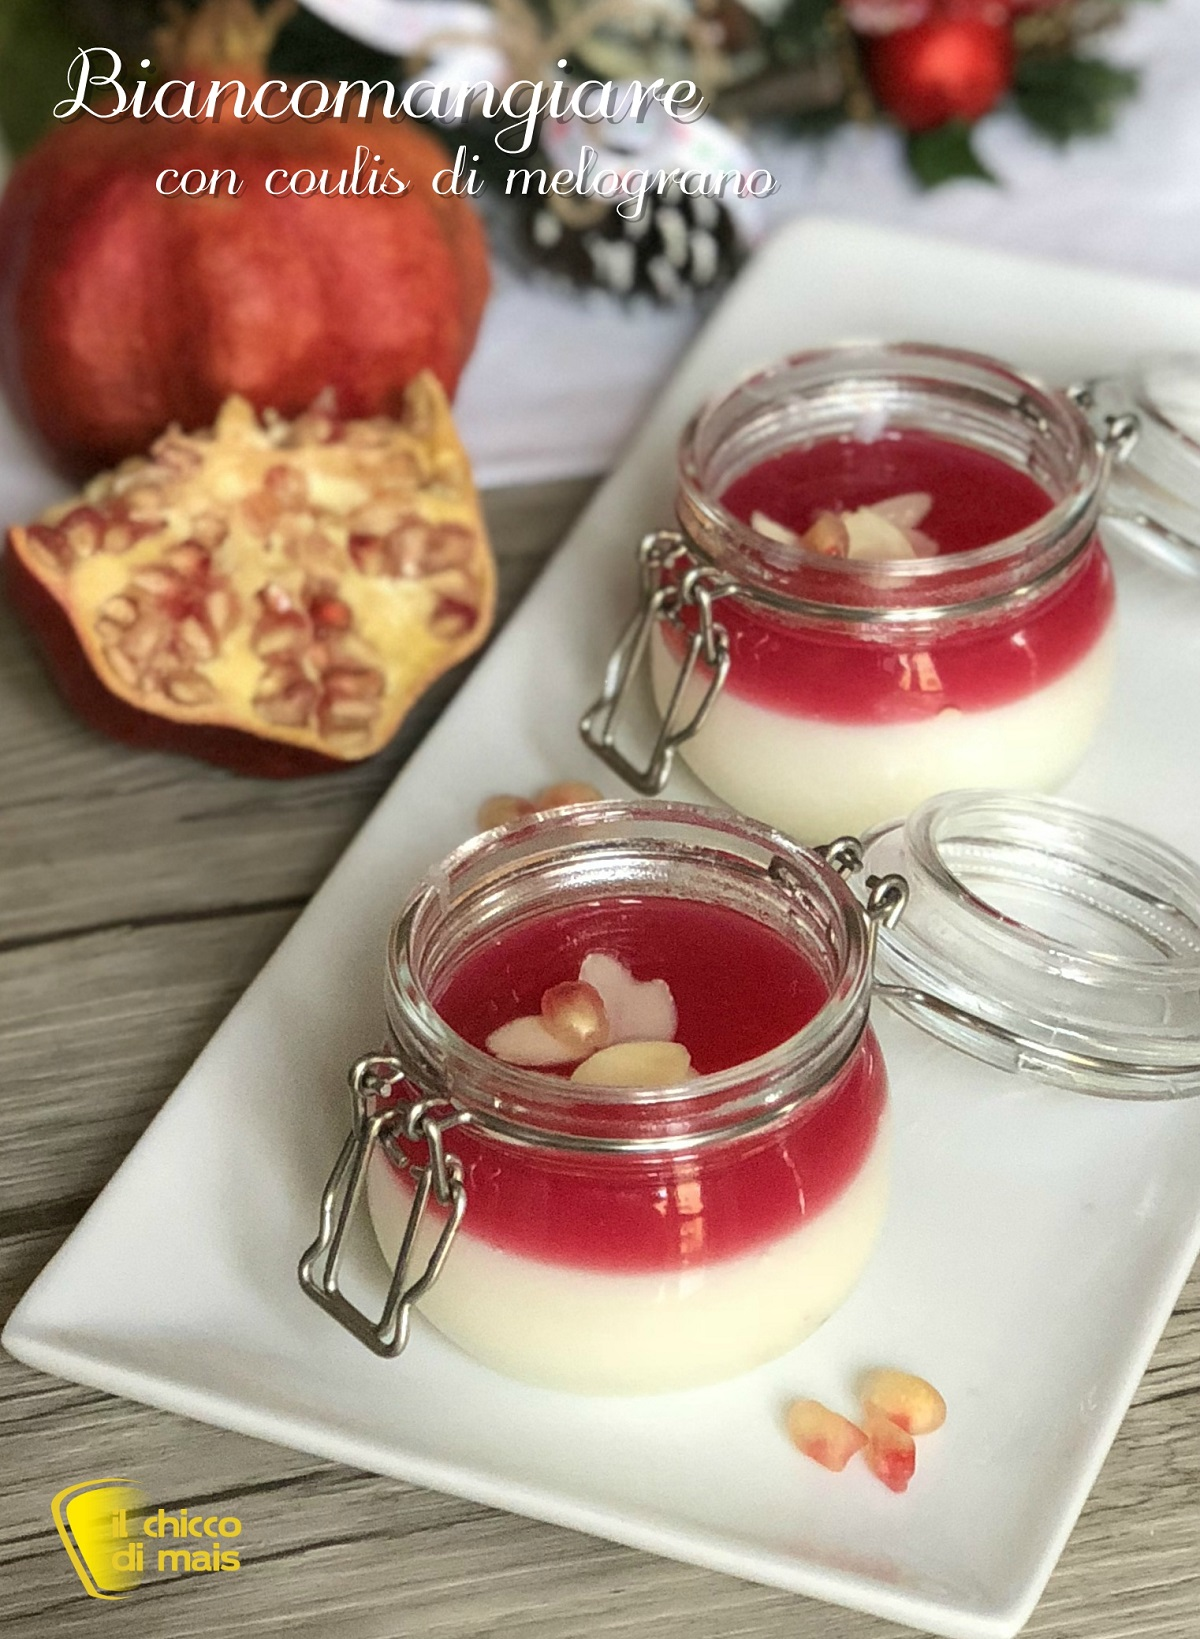 verticale_biancomangiare con coulis di melograno ricetta facile dessert capodanno il chicco di mais